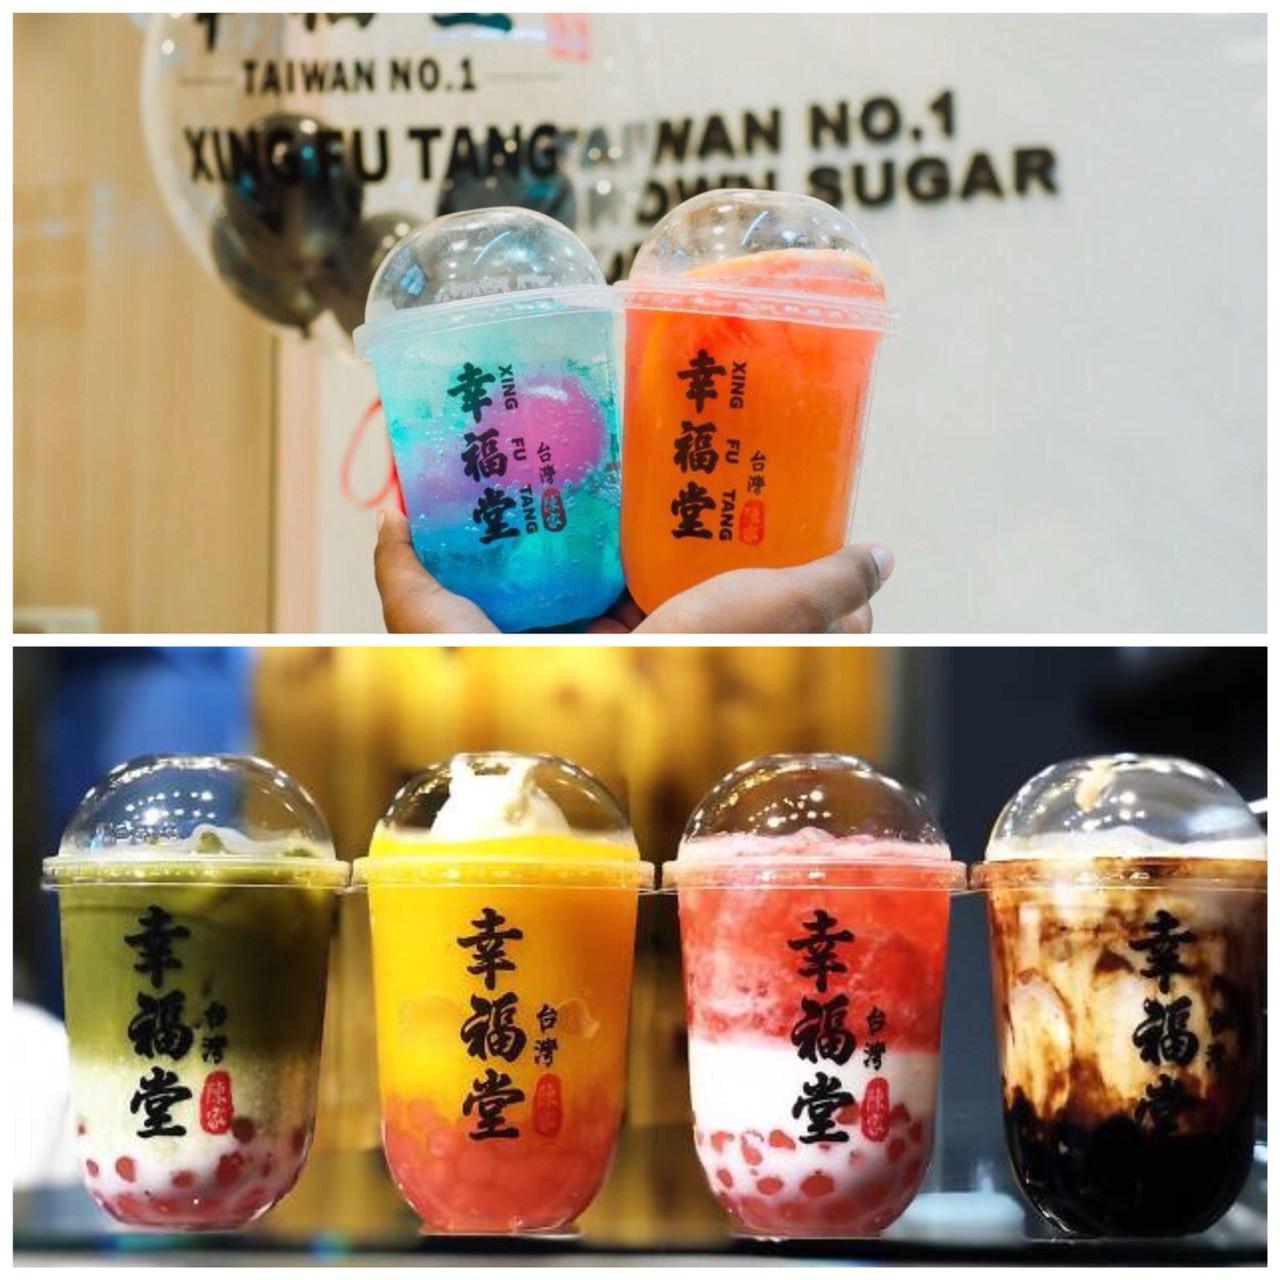 """Cơn bão Xing Fu Tang đang """"ập"""" vào thị trường trà sữa Việt Nam - Ảnh 5."""